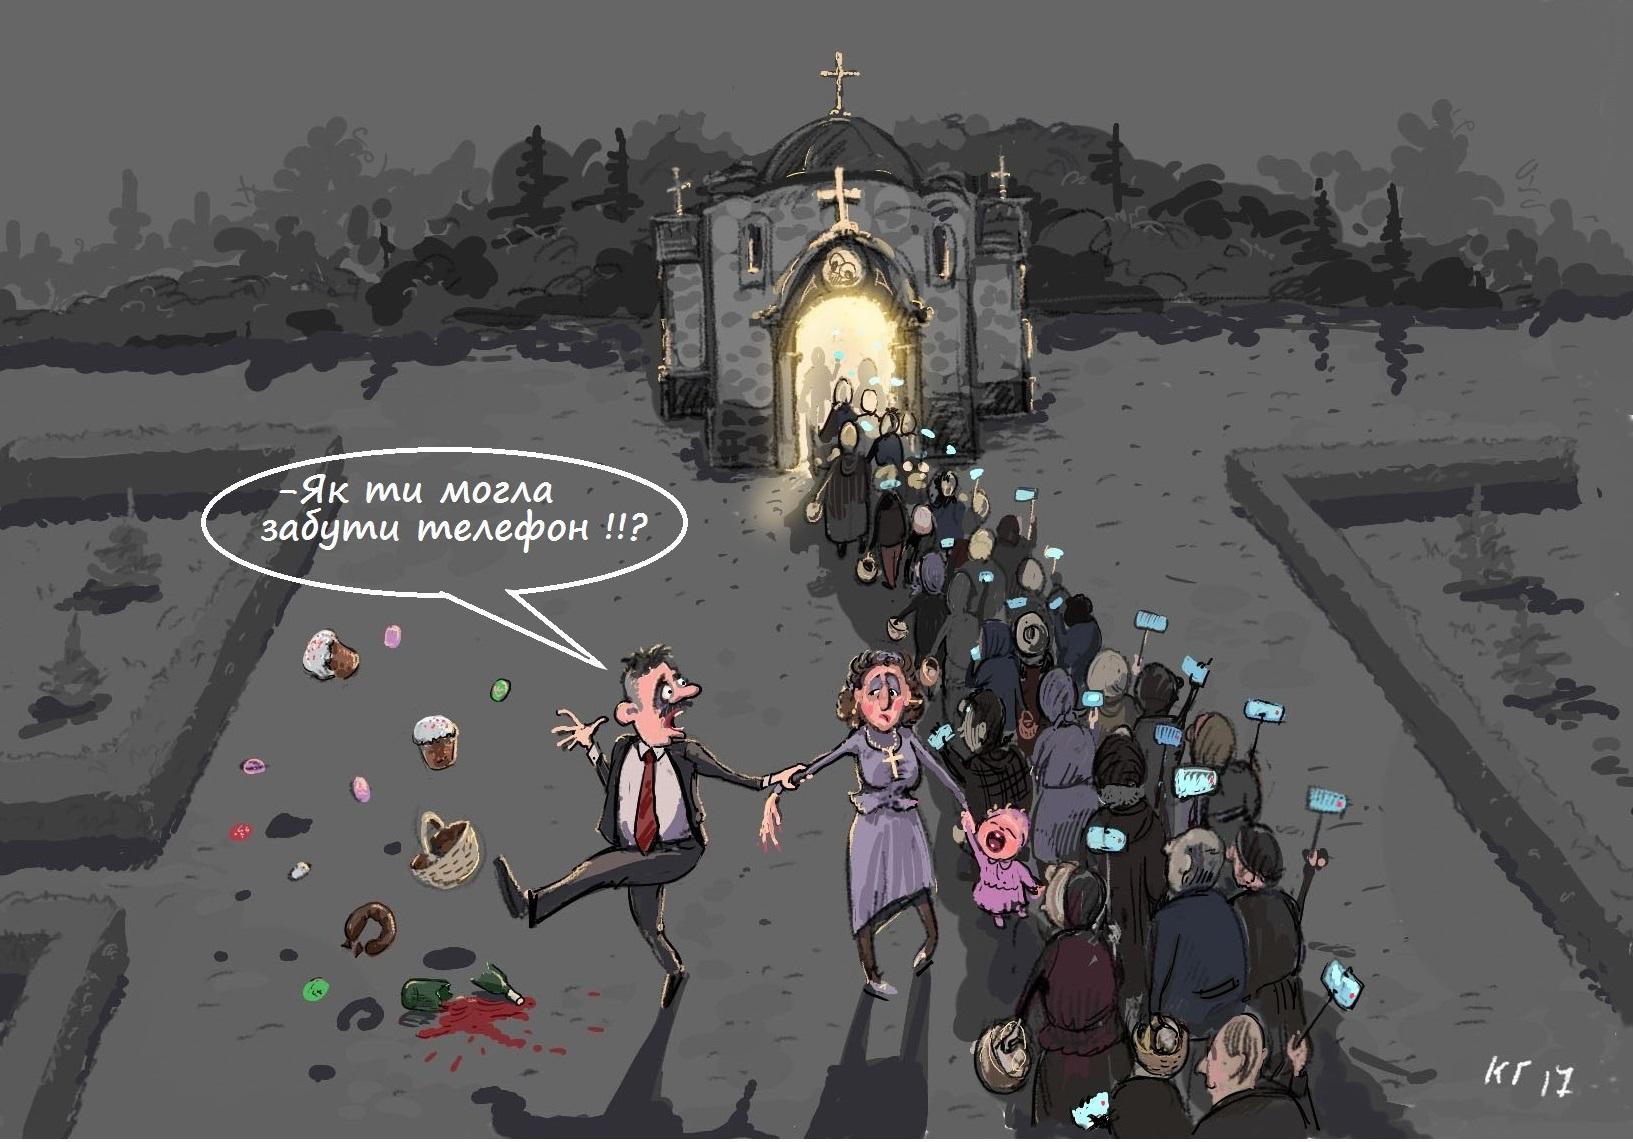 На всенощной службе в Севастополе читали Евангелие на украинском языке - Цензор.НЕТ 5243